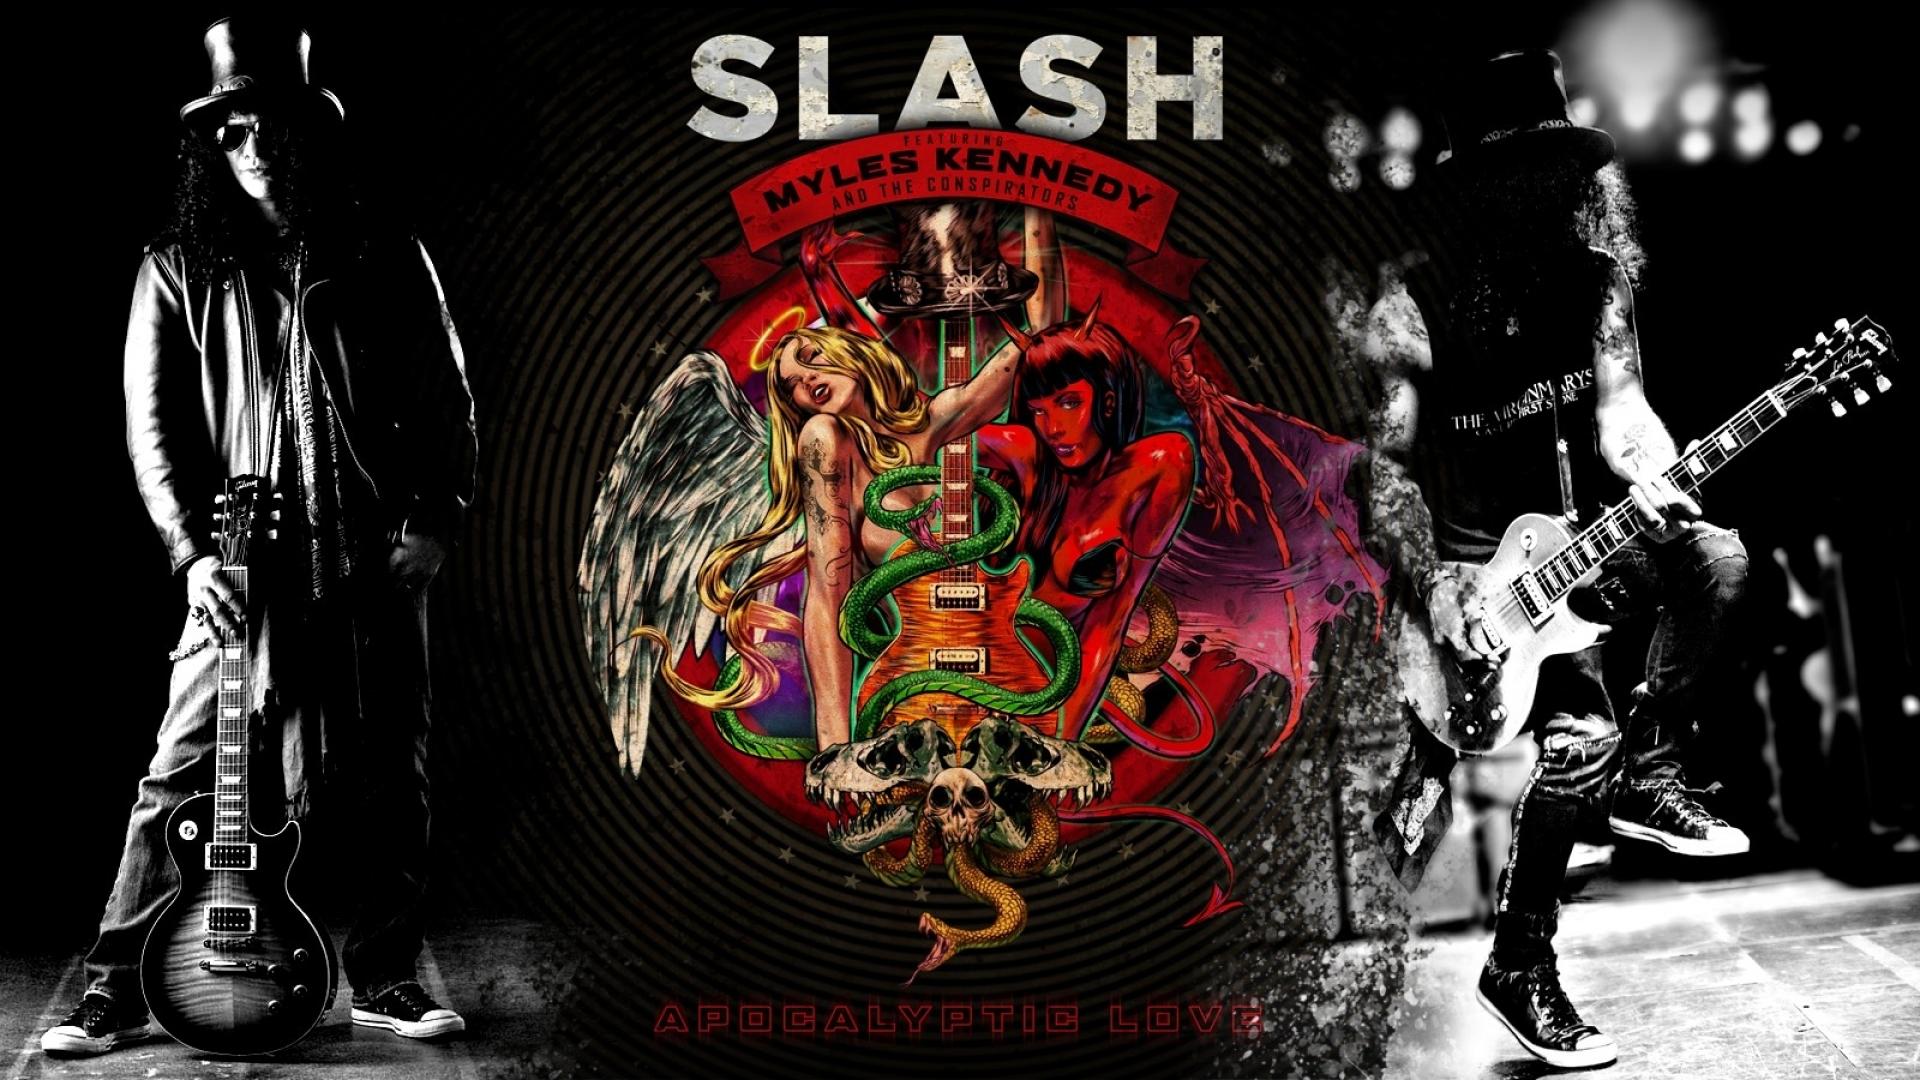 Guns N Roses Wallpapers Music Hq Guns N Roses Pictures: Guns N Roses Heavy Metal Hard Rock Bands Groups Album